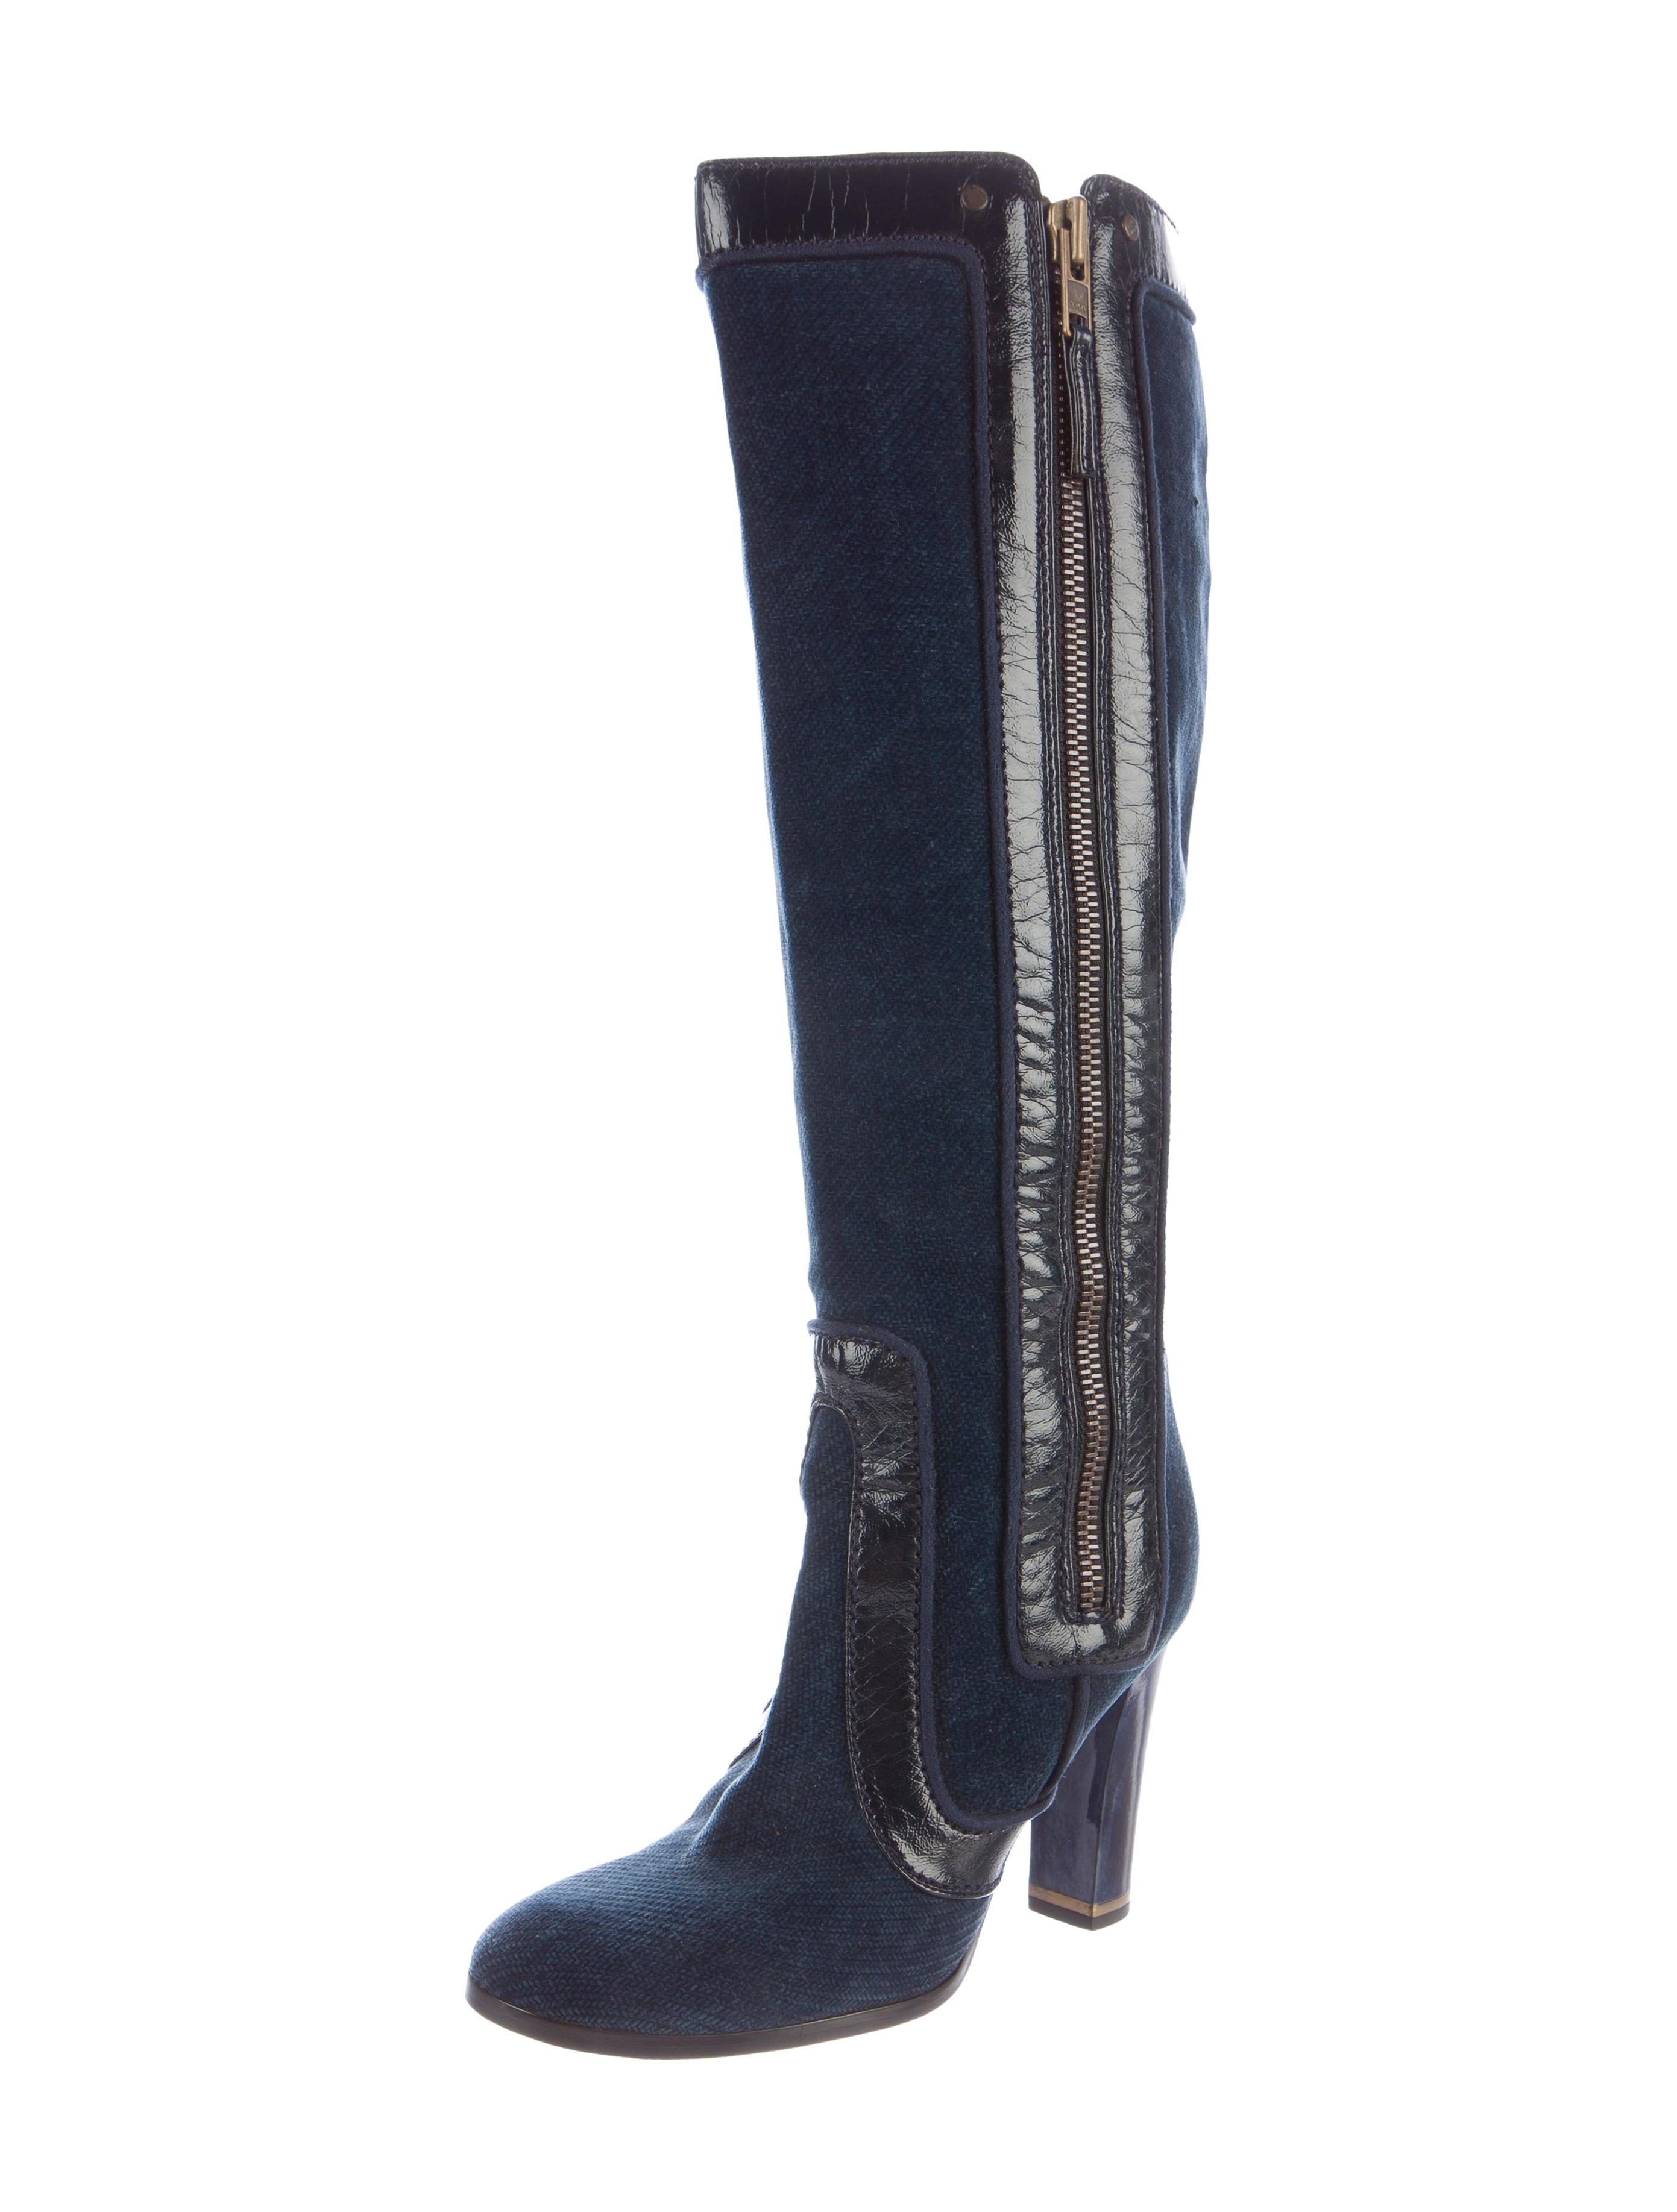 stella mccartney velvet knee high boots shoes stl47425